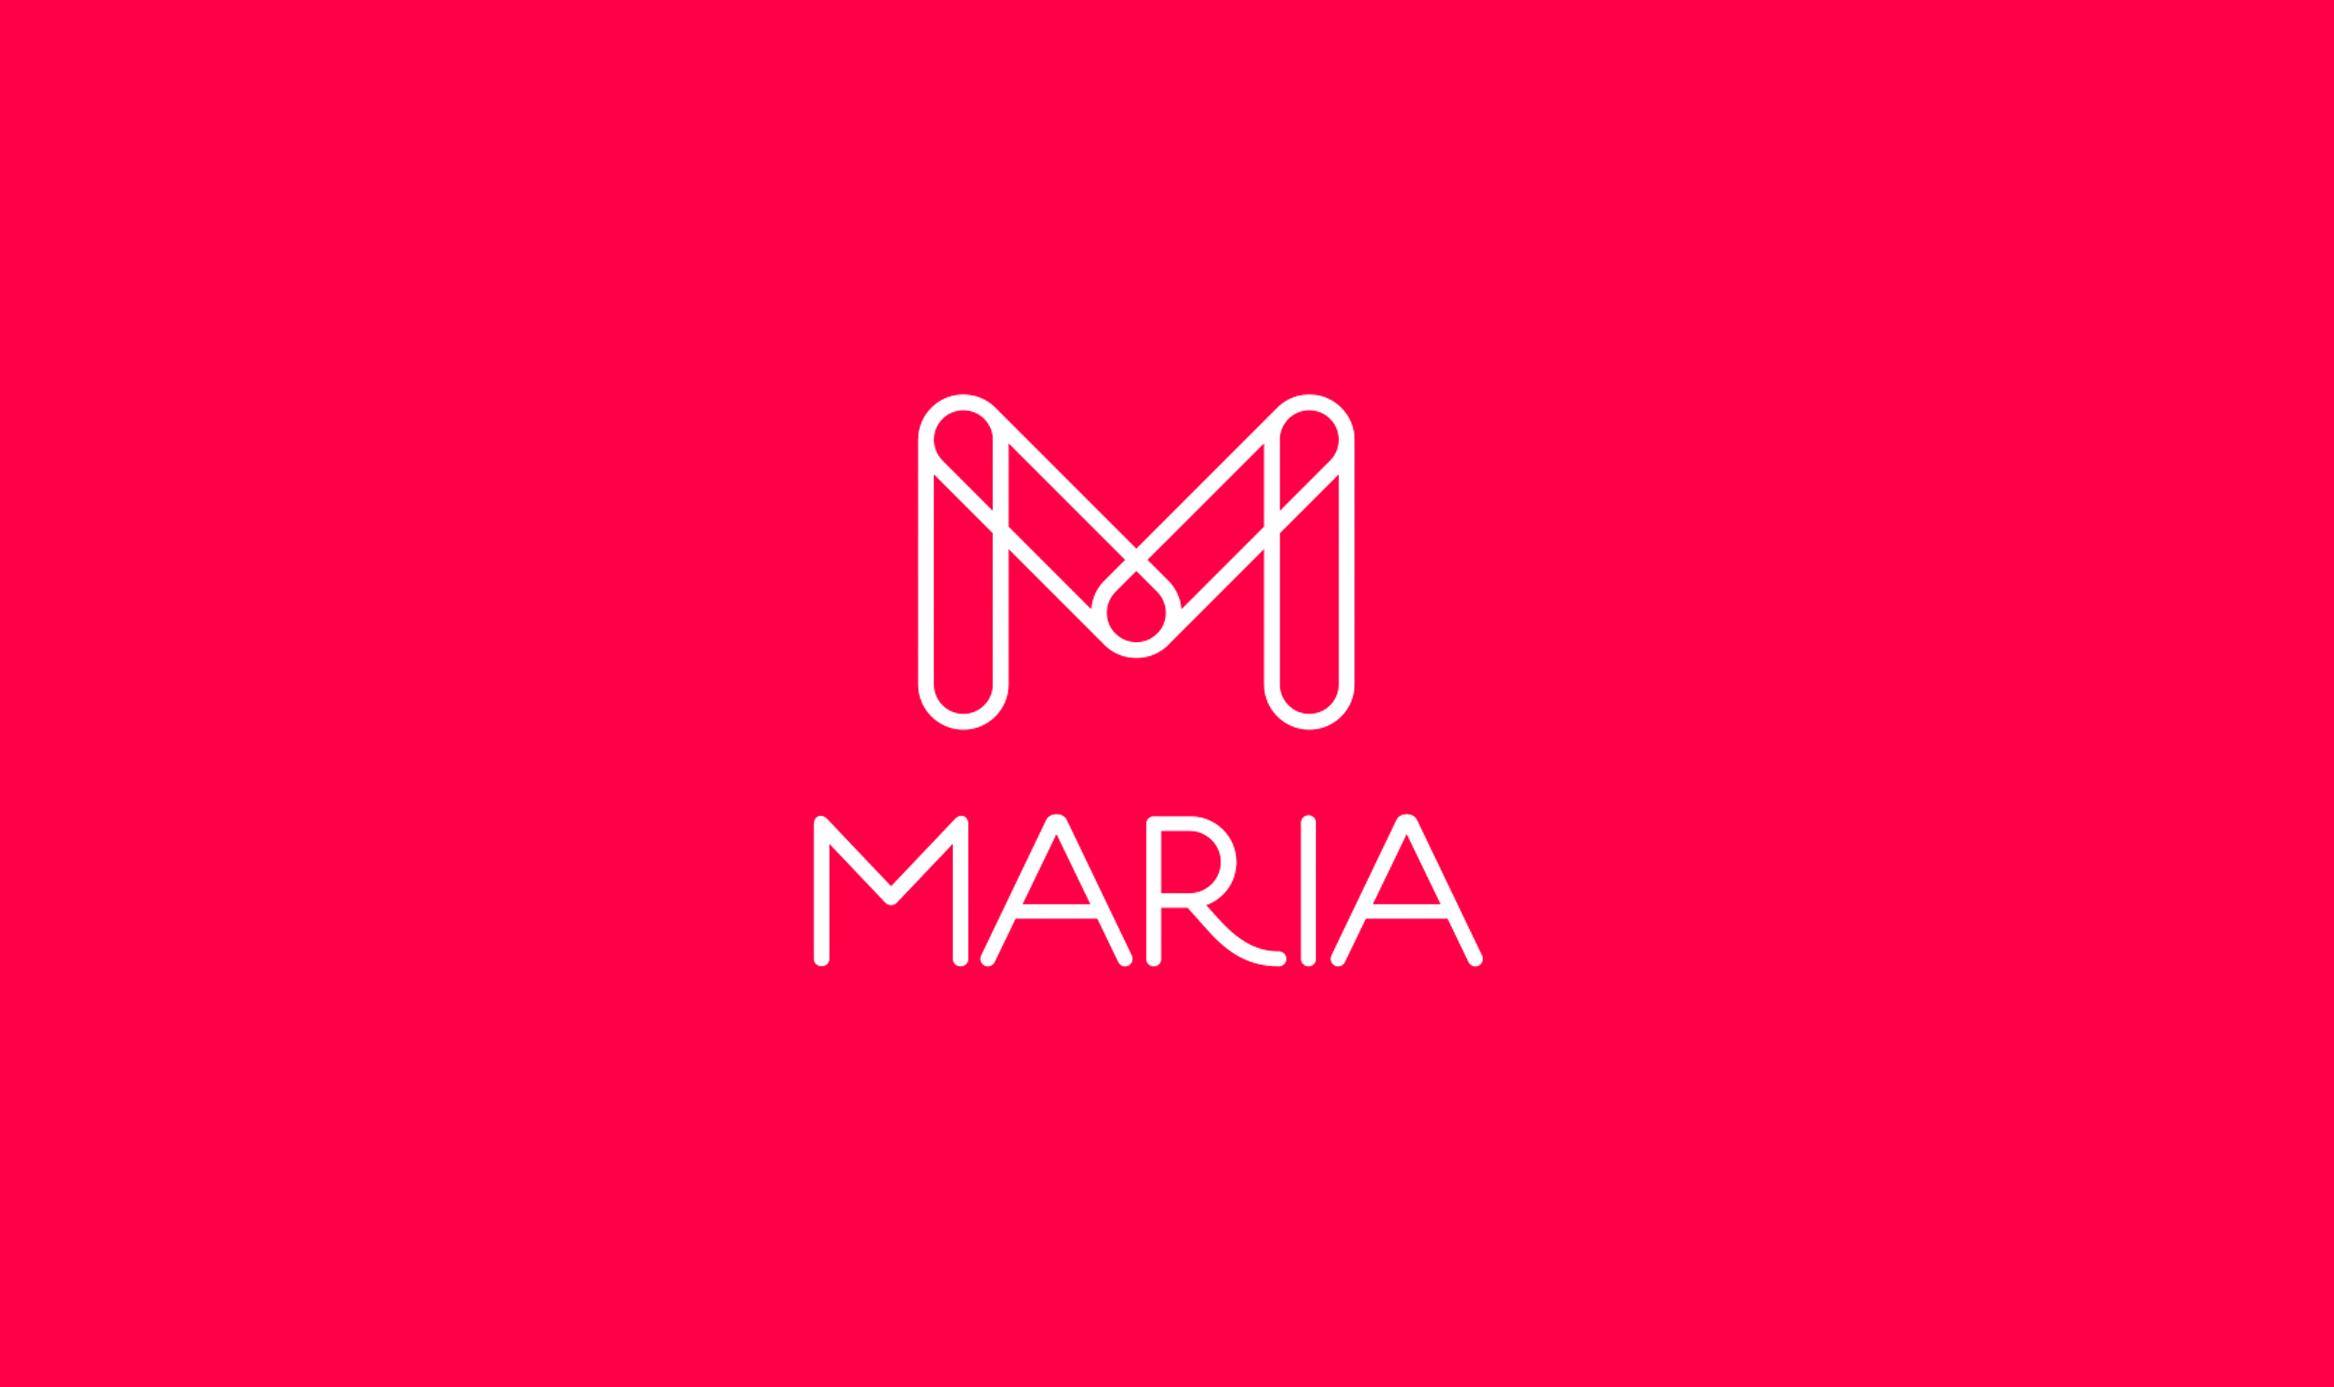 MARIA_01.jpg